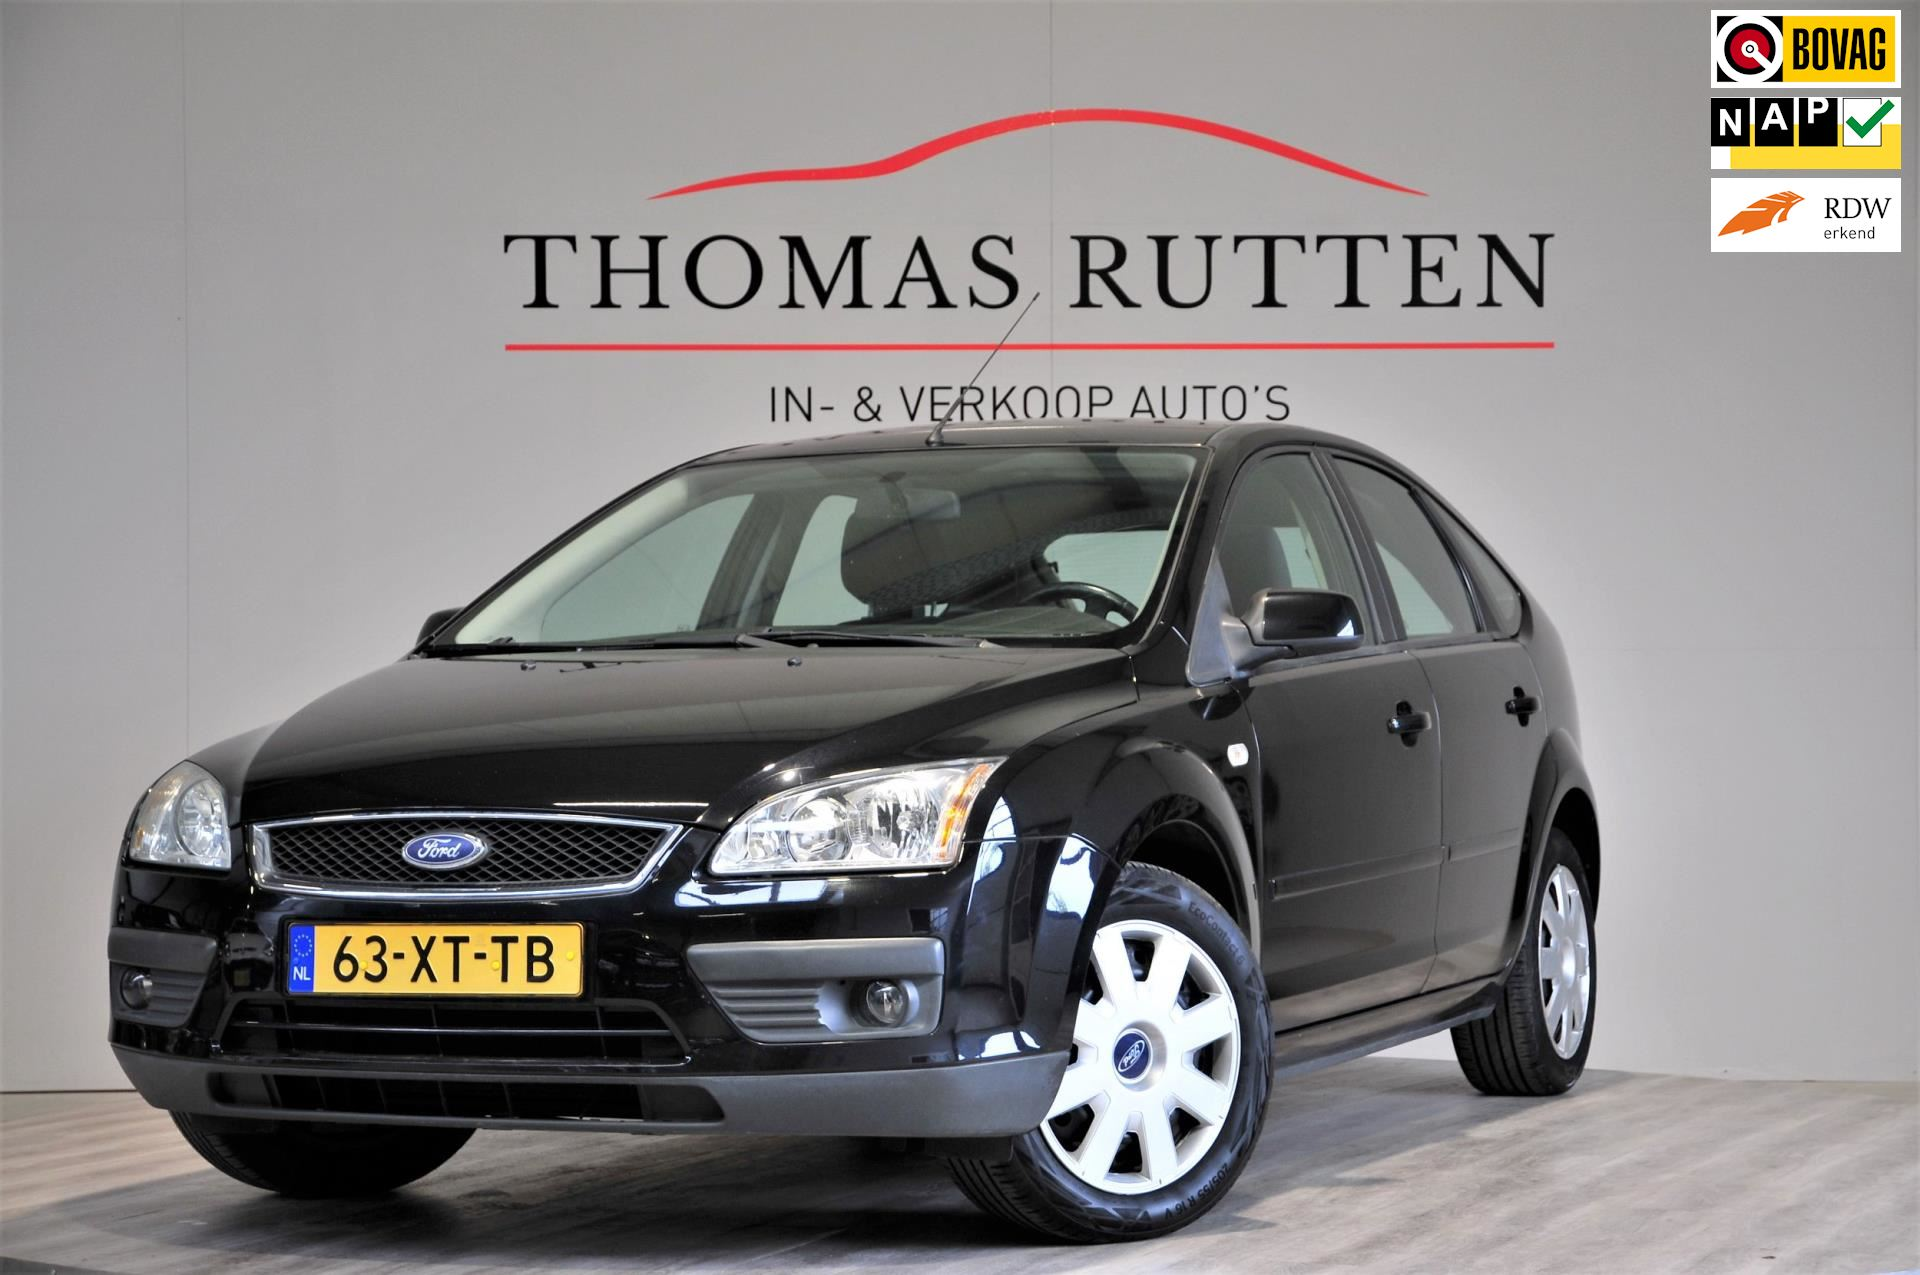 Ford Focus occasion - Autobedrijf Thomas Rutten